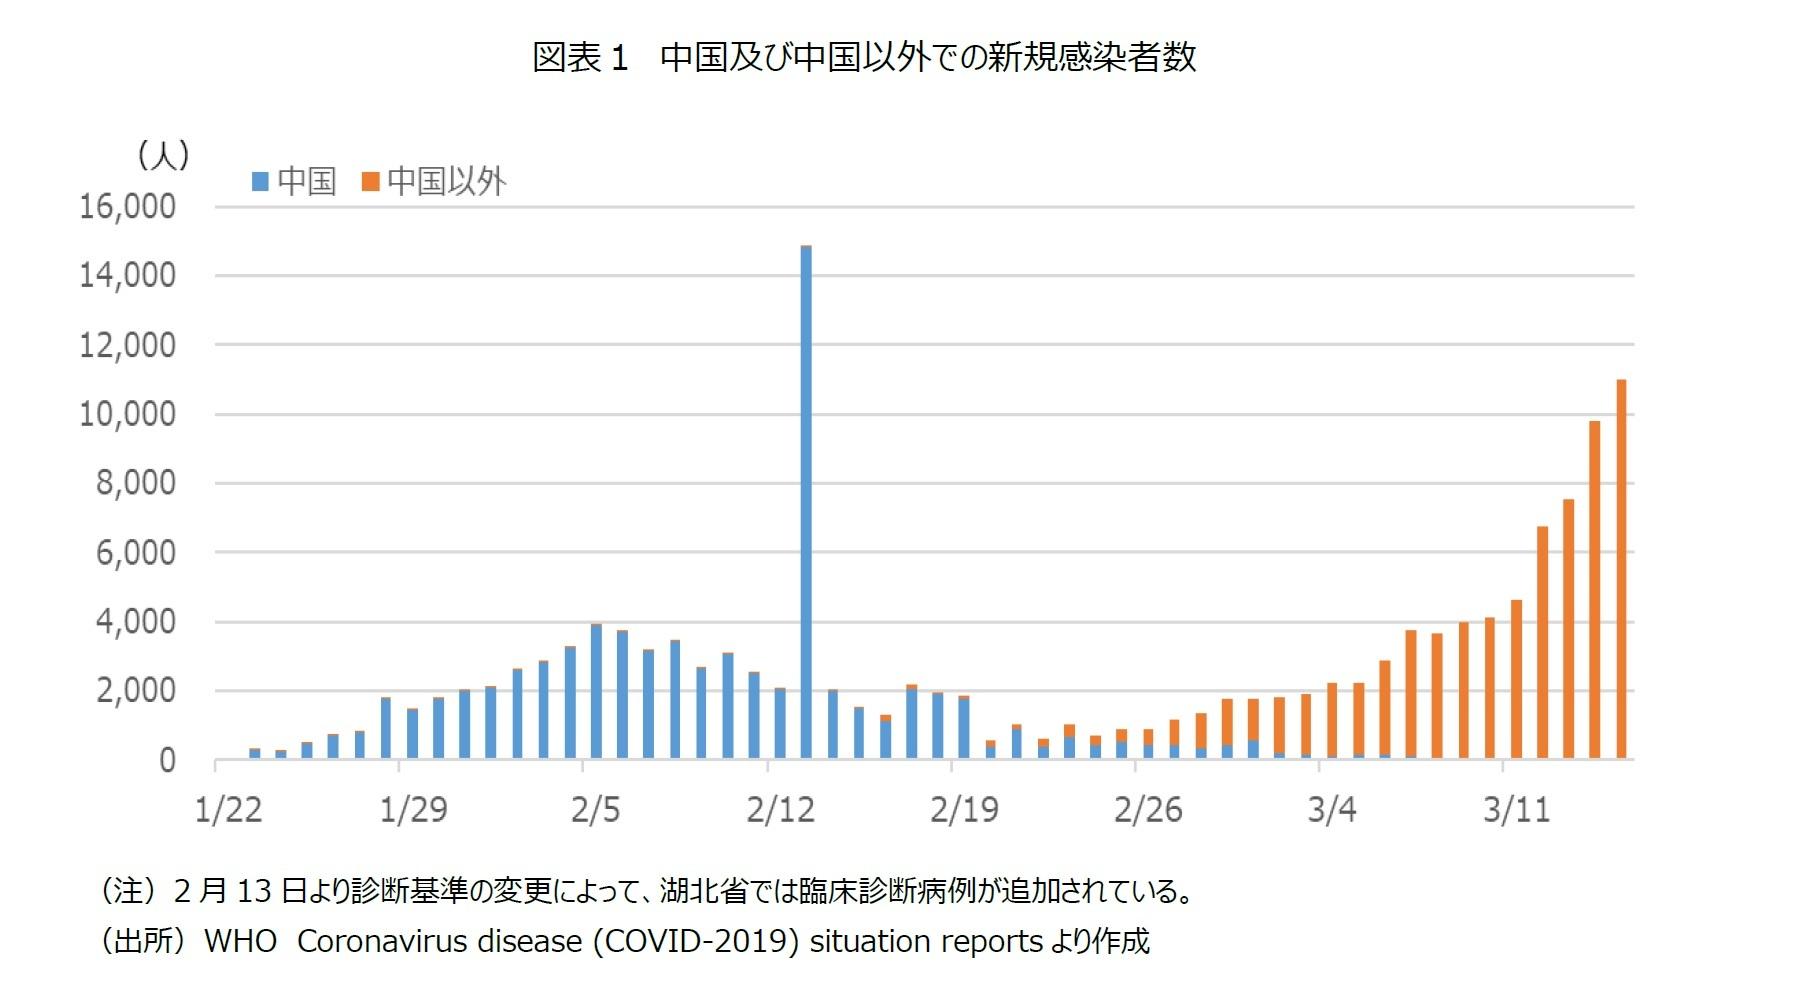 図表1 中国及び中国以外での新規感染者数